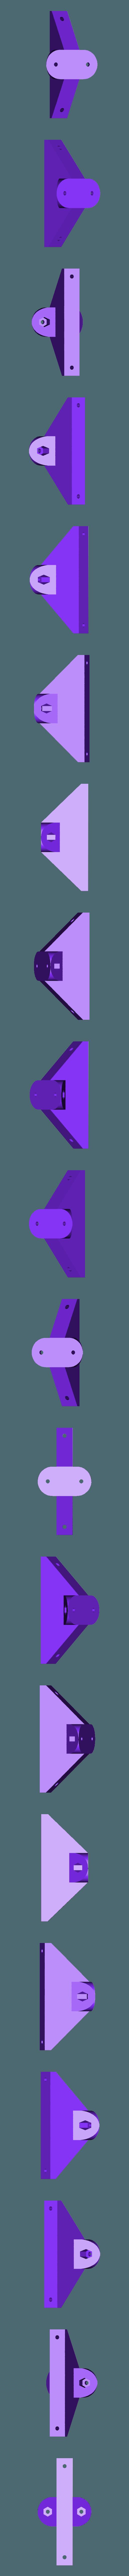 test_v1_test_v1_Component6_2_Body1_Component6.stl Télécharger fichier STL gratuit Test de la machine vibrante • Design imprimable en 3D, TinkersProjects